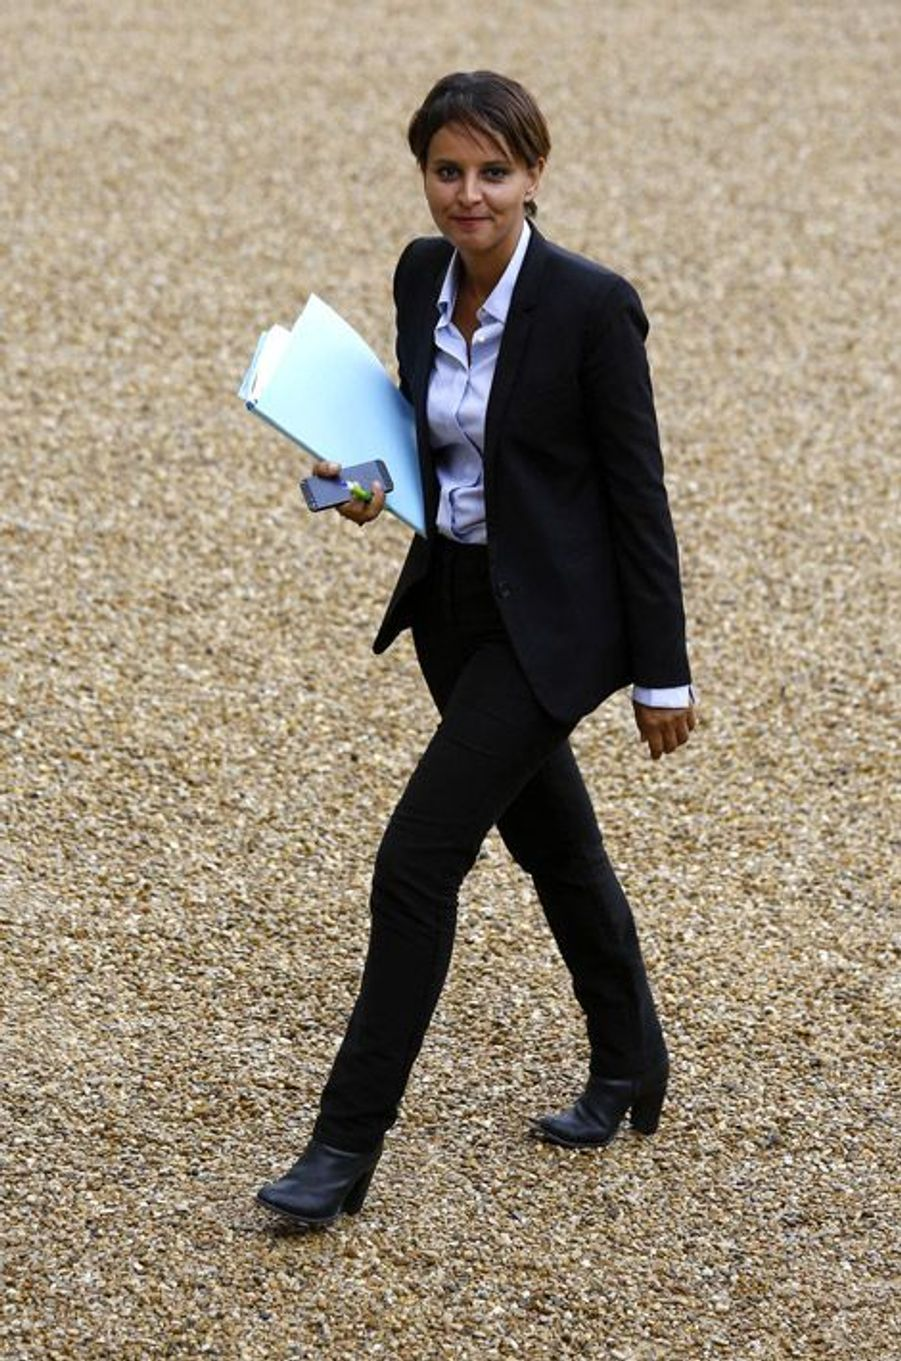 Najat Vallaud-Belkacem, nouvelle ministre de l'Education, lors du premier conseil des ministres du gouvernement Valls 2 à Paris, le 27 août 2014